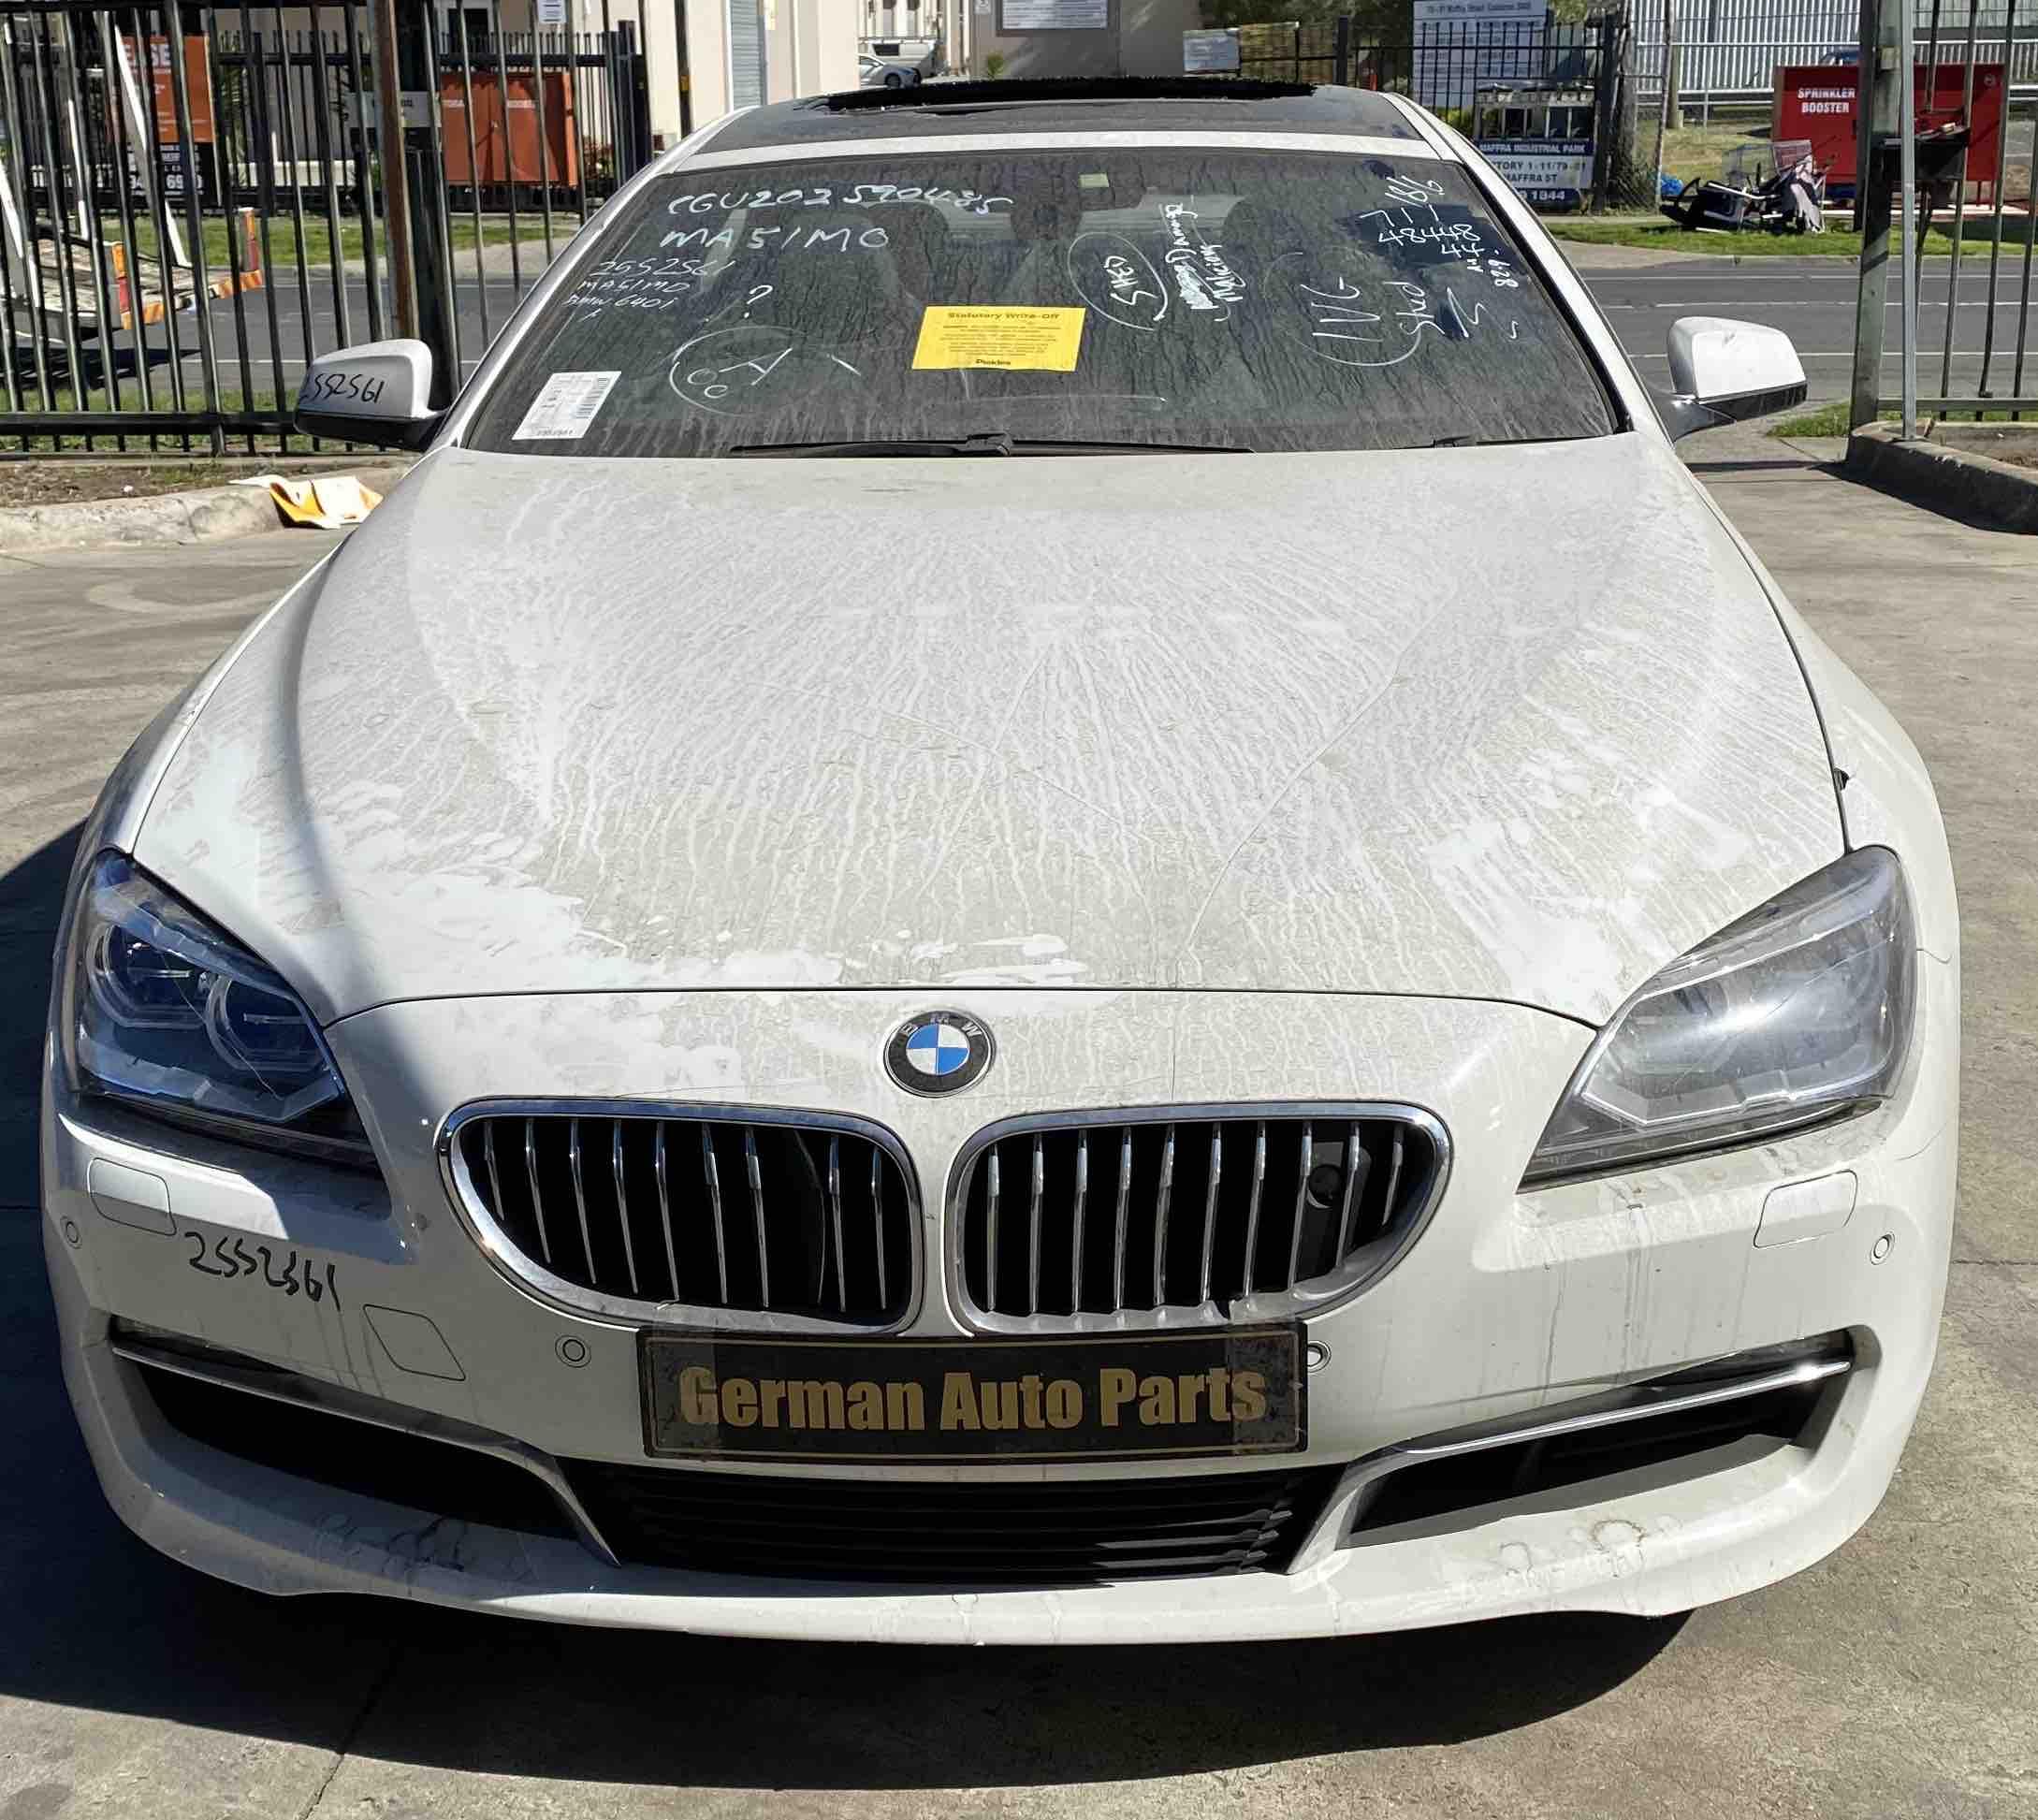 WRECKING BMW F06 640I 2012